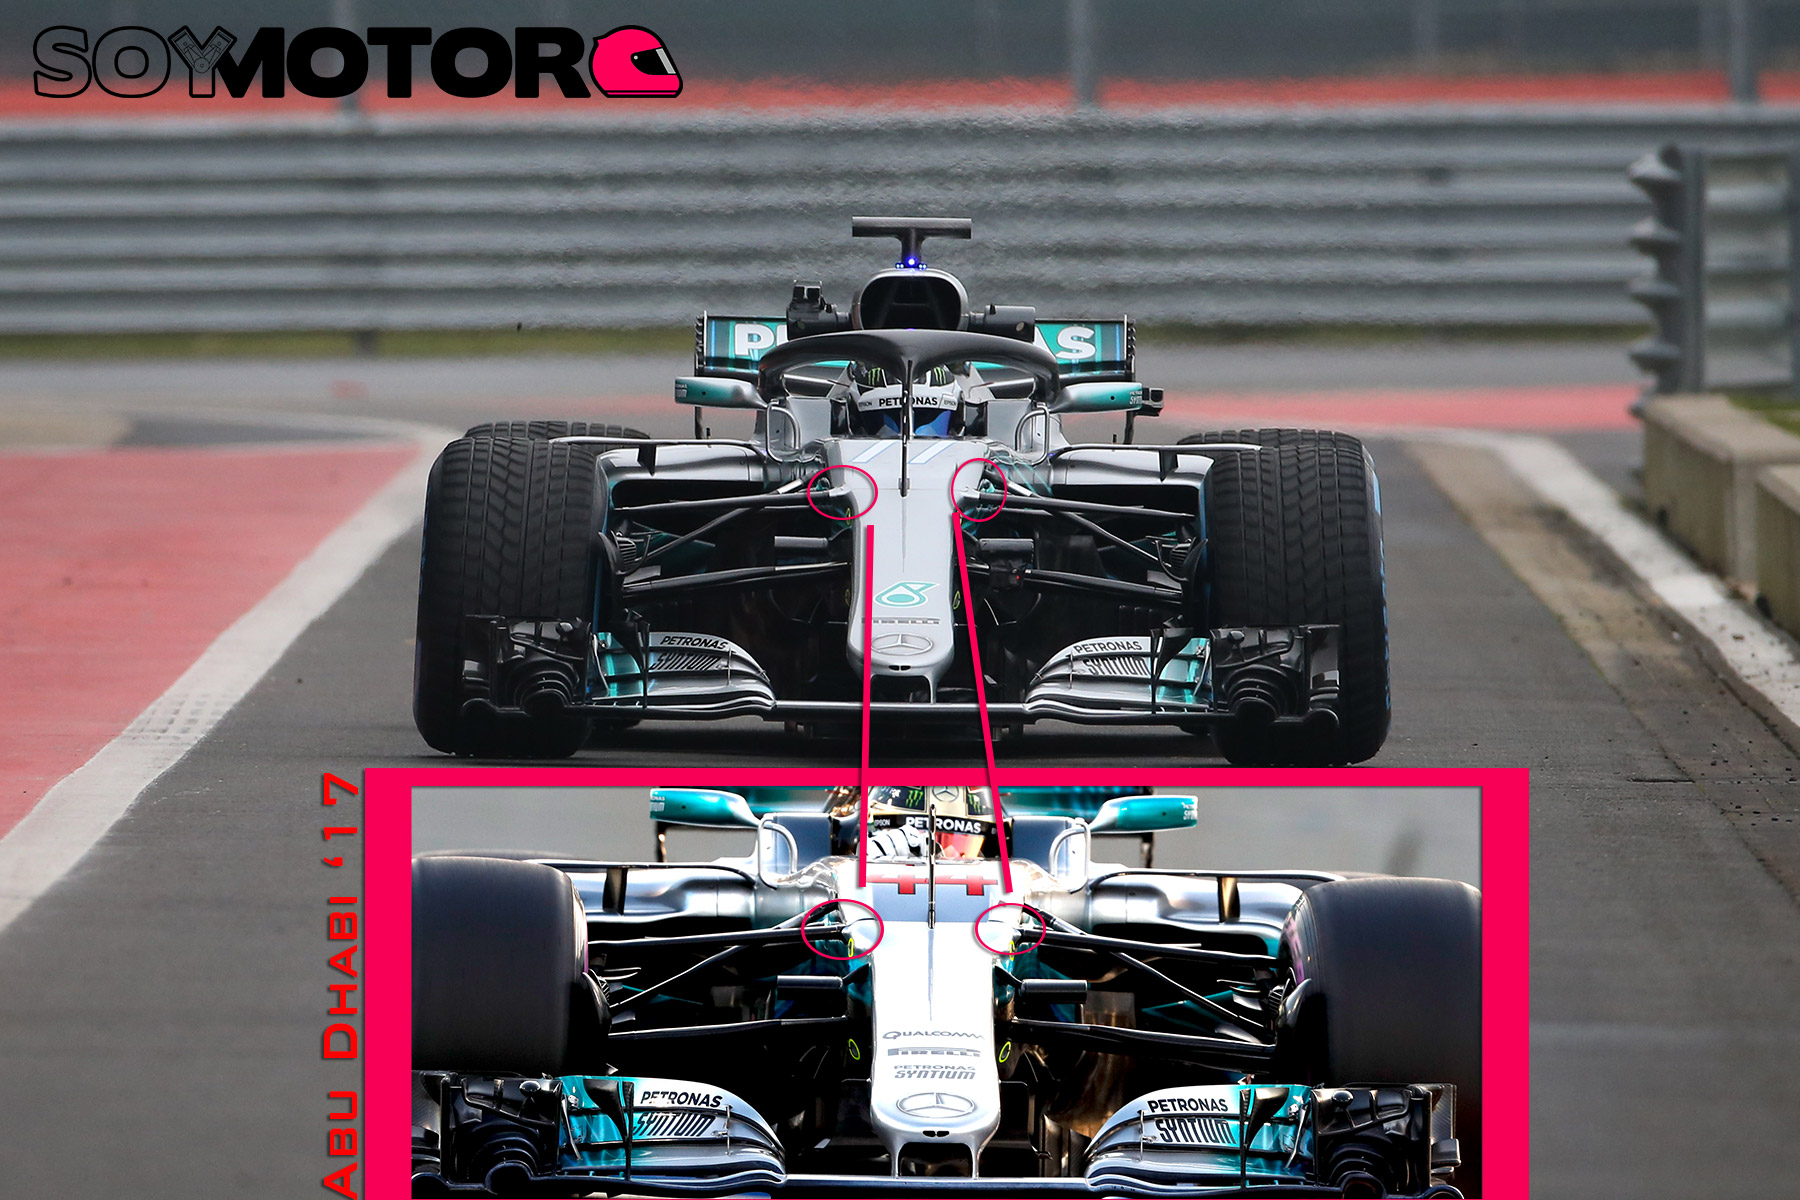 mercedes-suspension-delantera.jpg